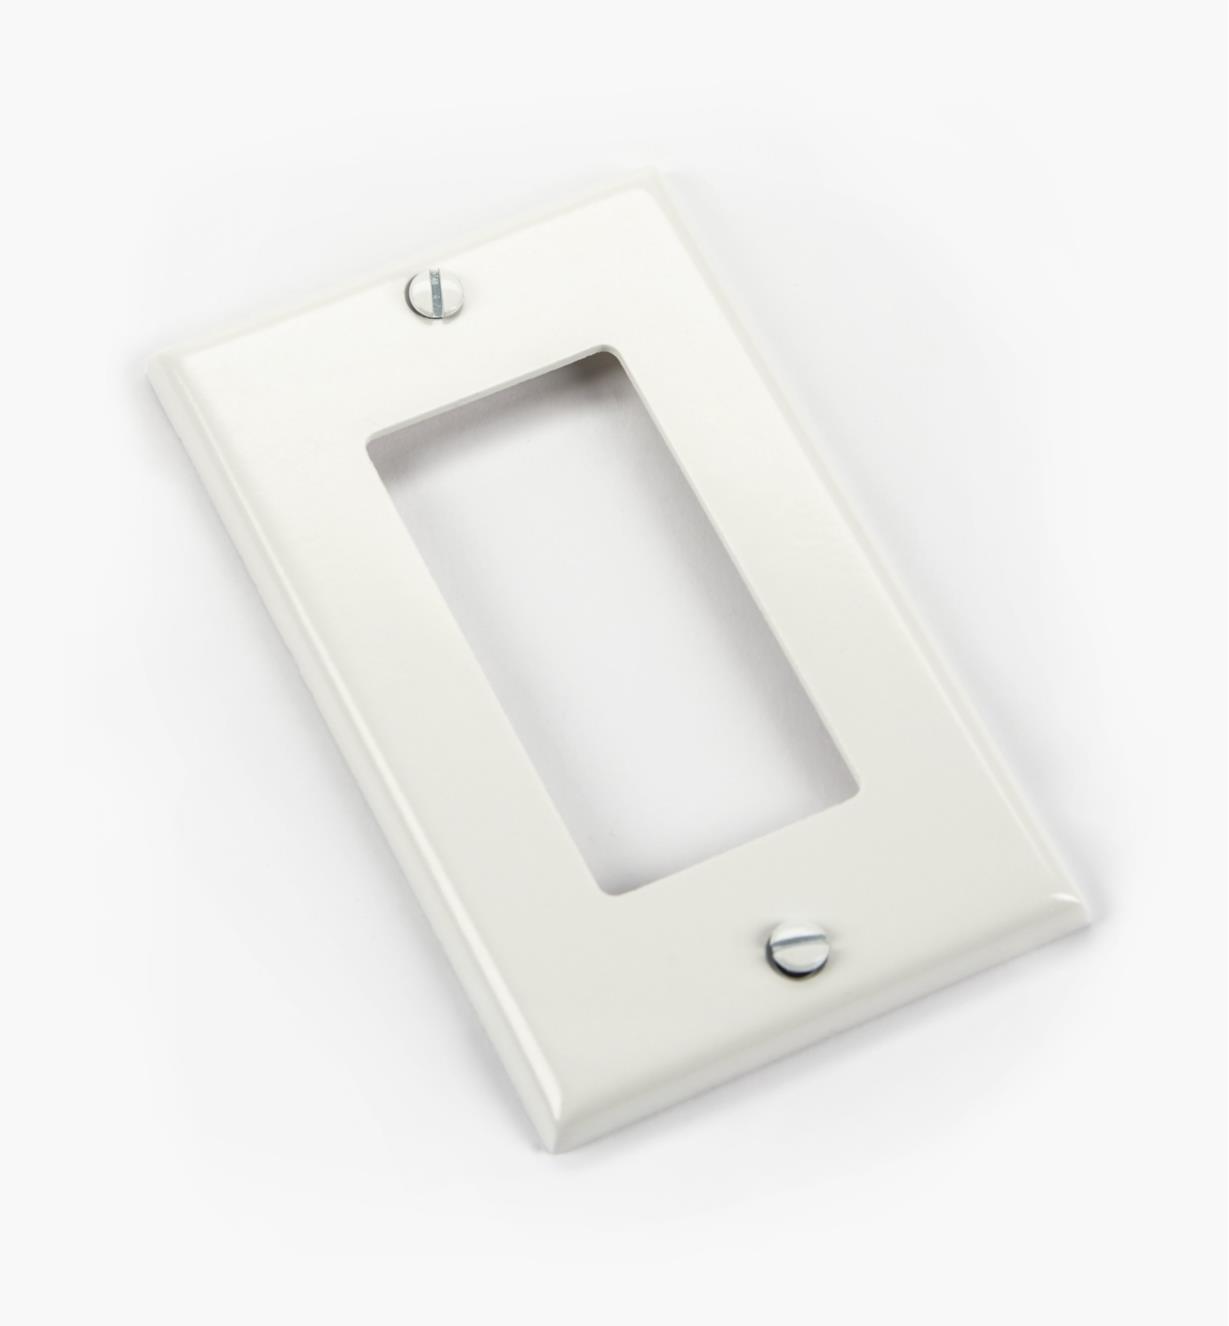 00U4180 - Plaque de fixation, blanc